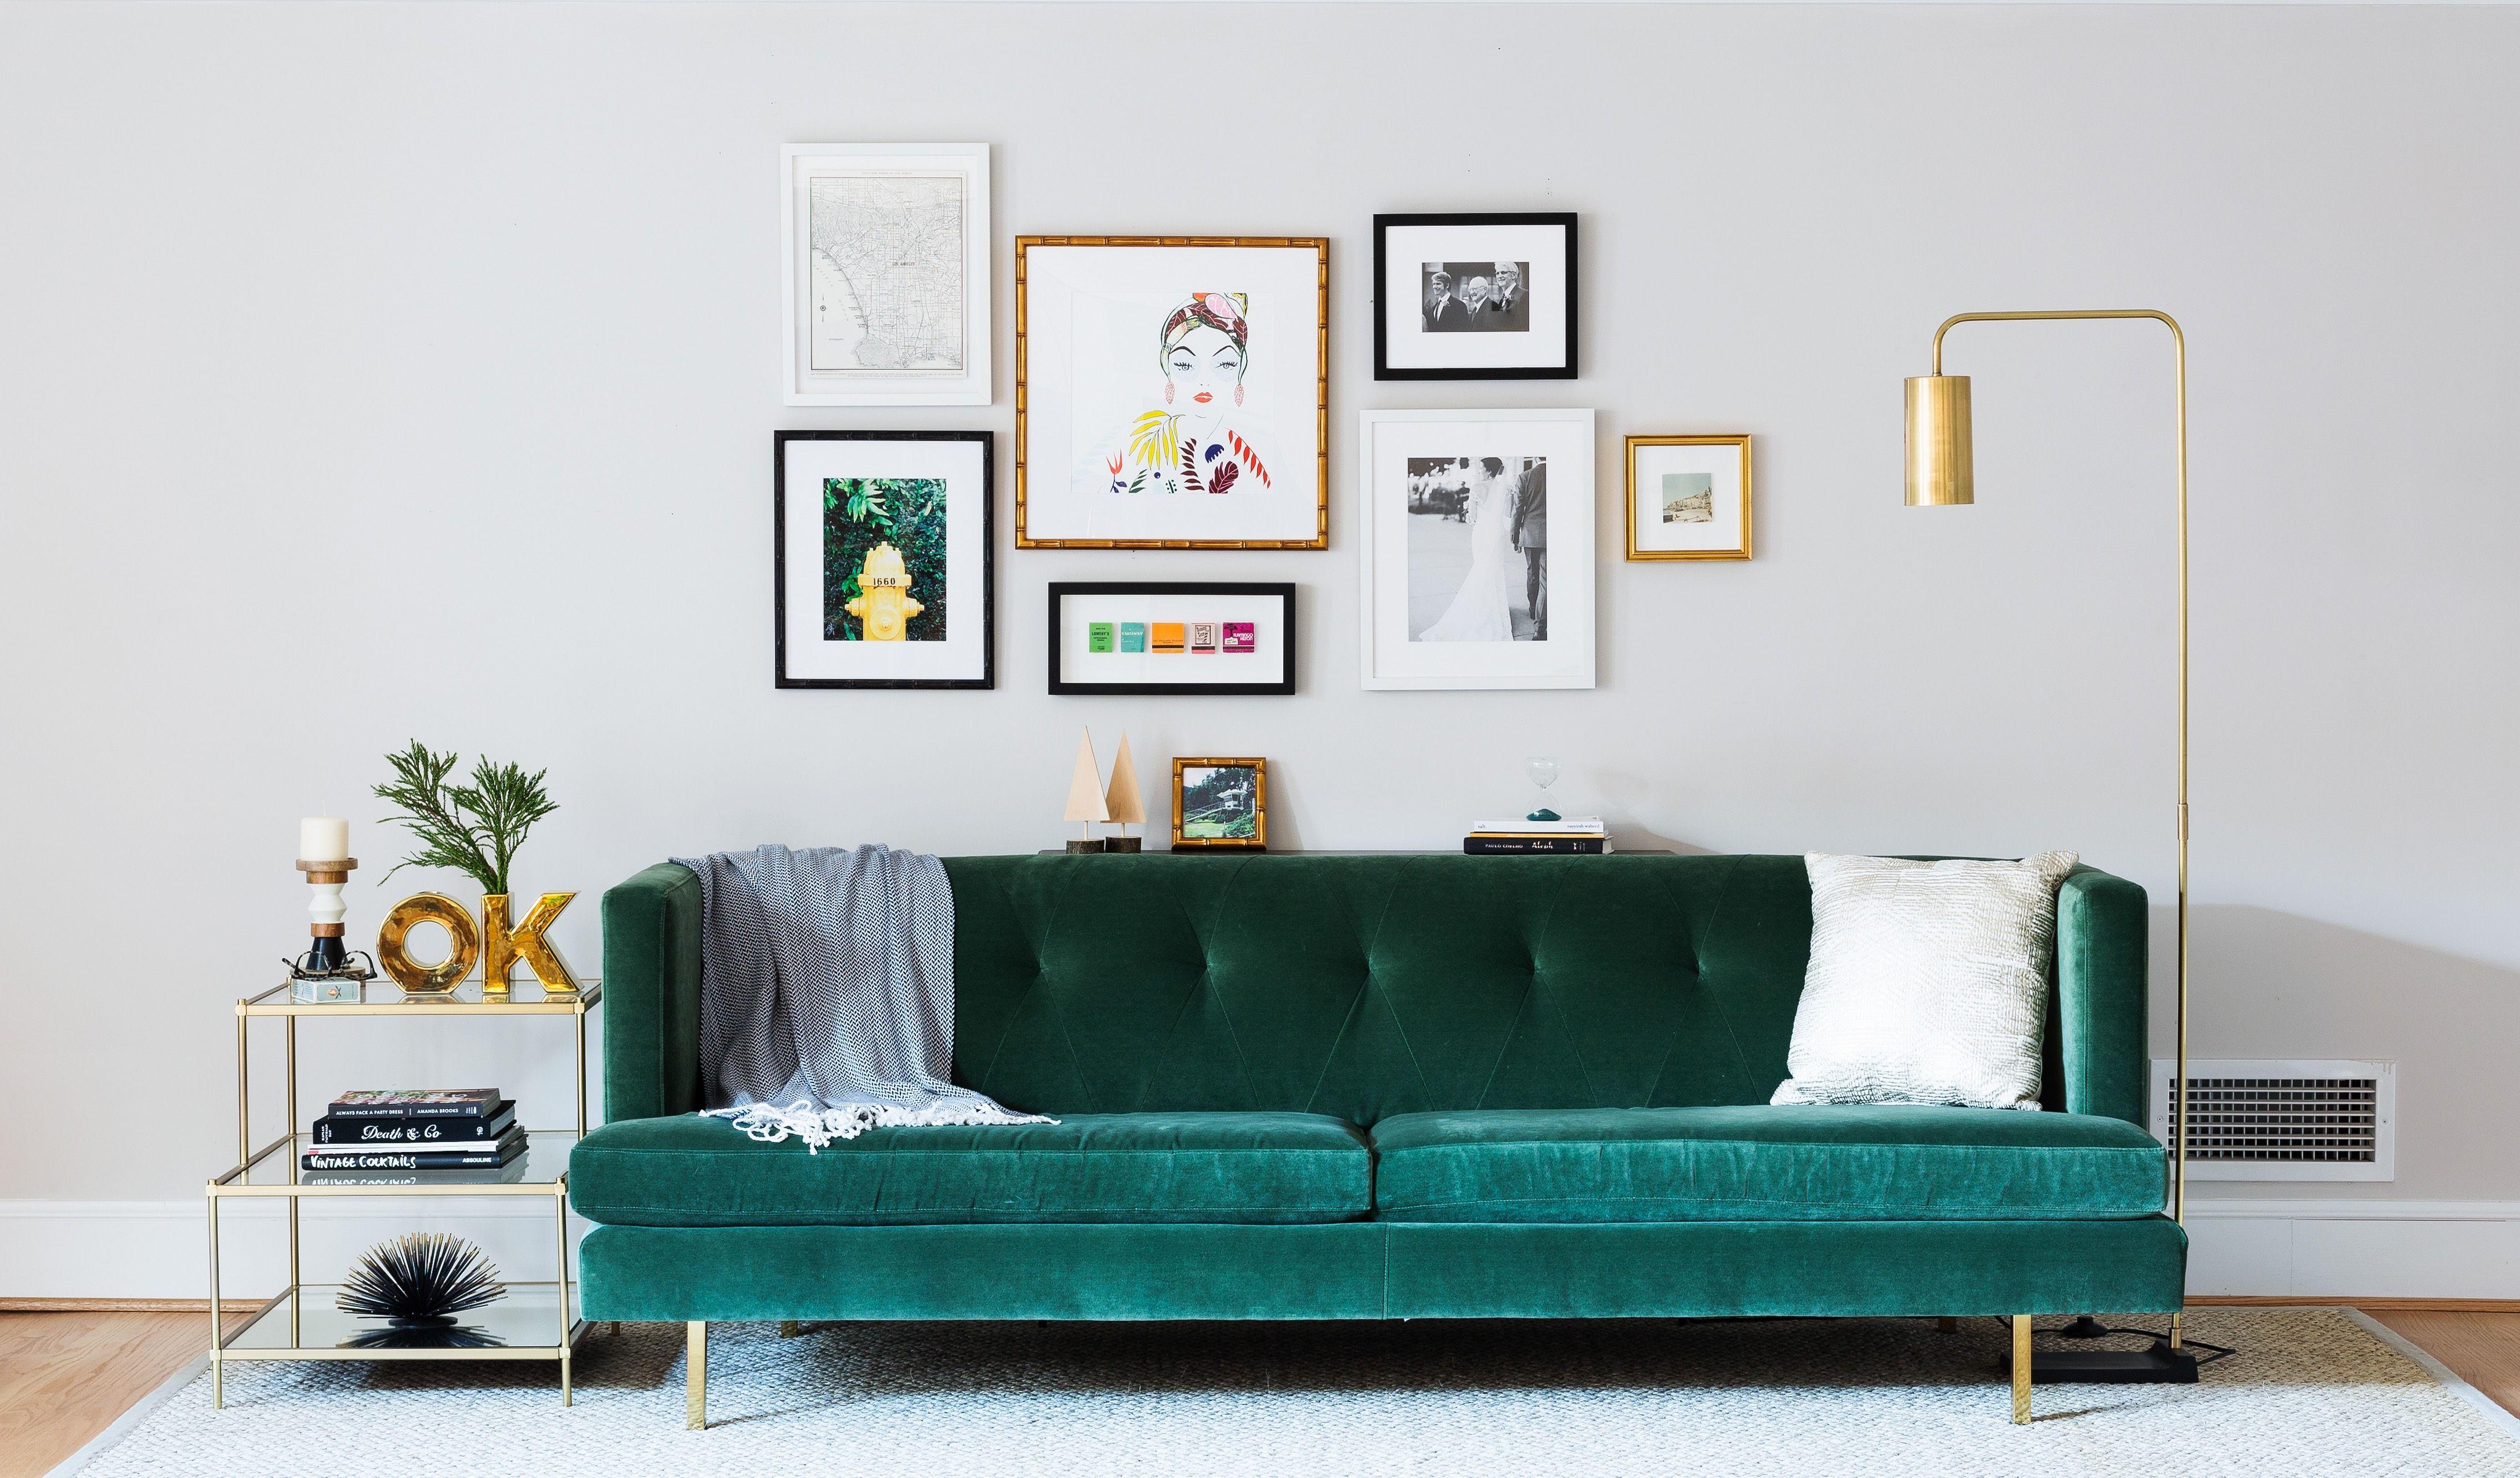 Framebridge Online Custom Picture Framing, Framed Art in Gallery ...